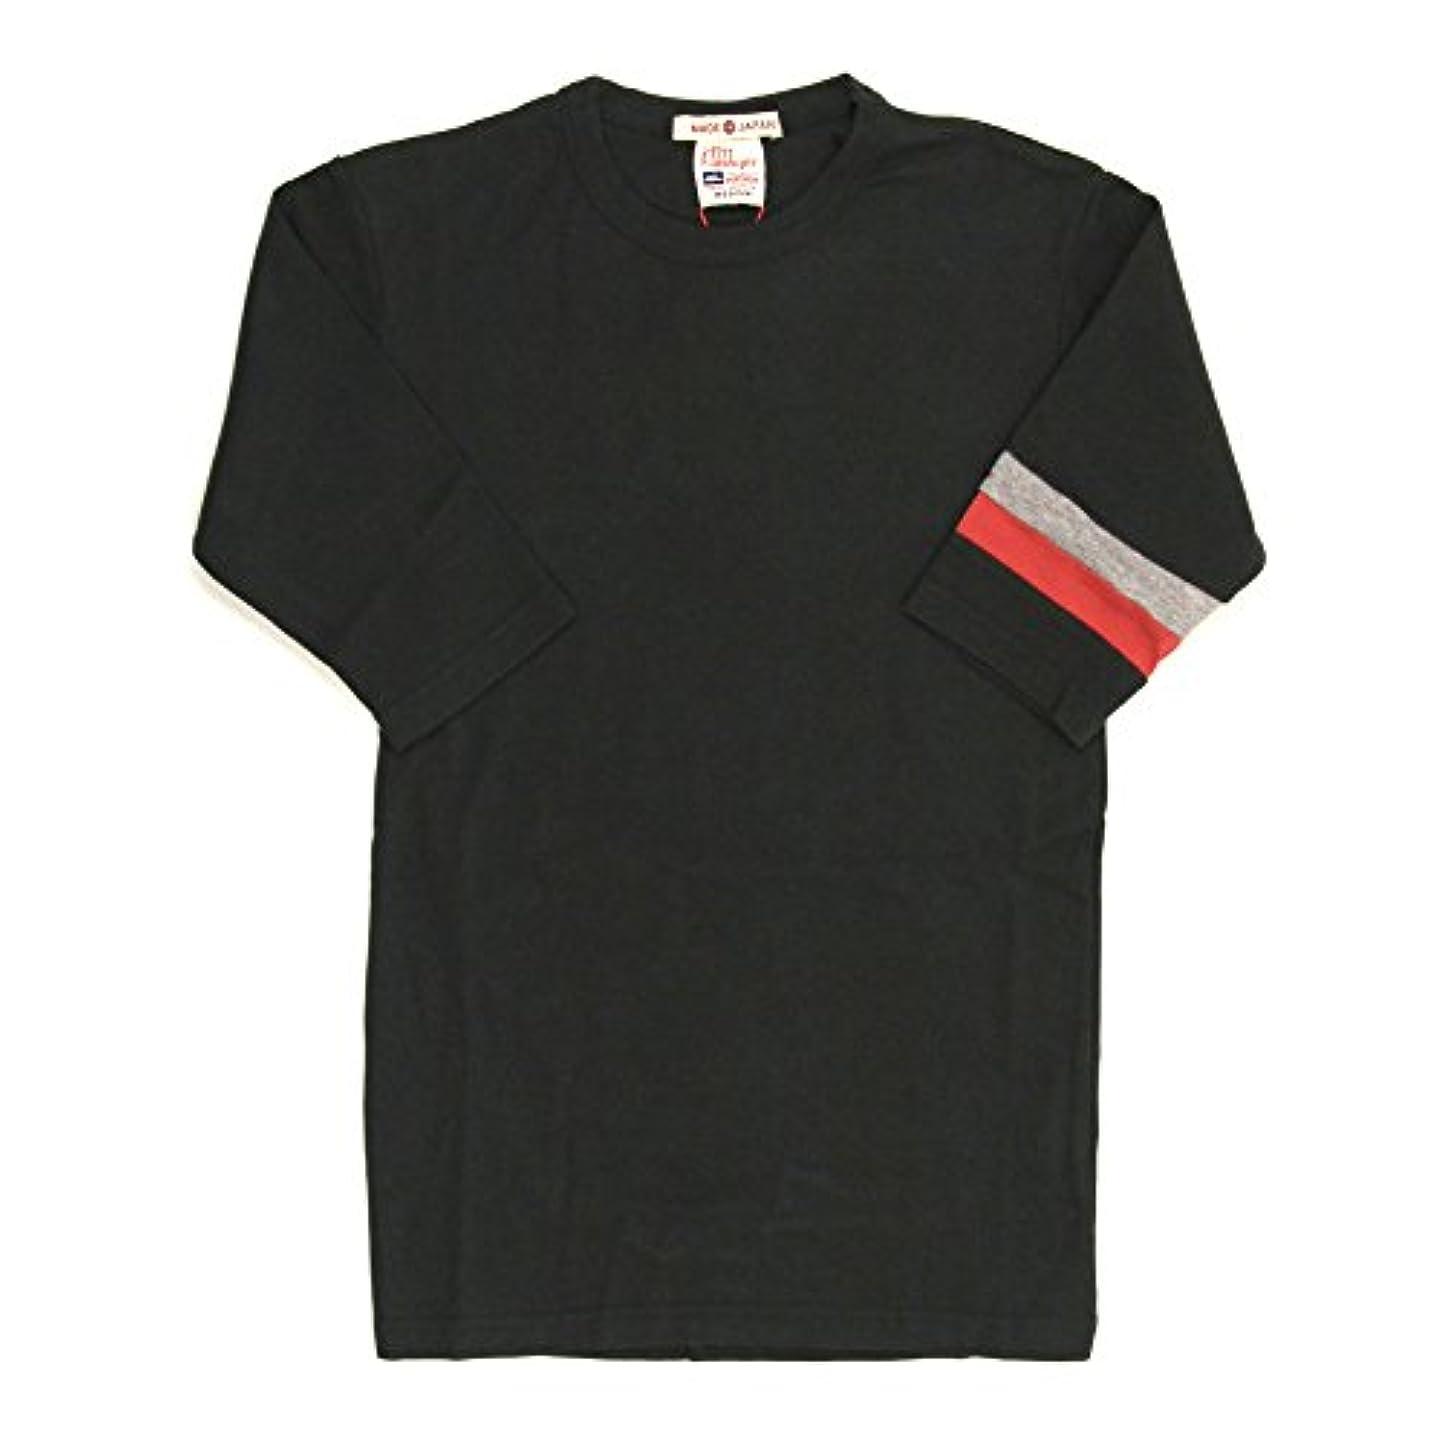 舌ハイランド重さ(クリフメイヤー) KRIFF MAYER 2トーン カラー 5分袖 クルーネック Tシャツ カットソー タイトシルエット 重ね着 KM839900A